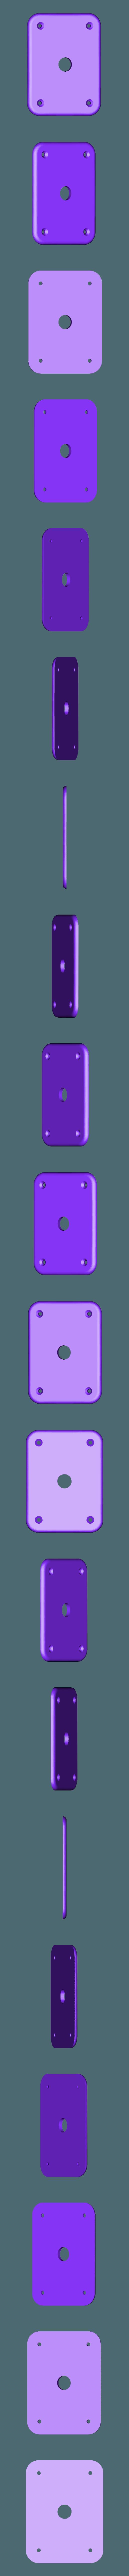 Moon_Base_Unit_Lamp_Socket_Holder.stl Télécharger fichier STL gratuit Lampe -Moon • Design pour imprimante 3D, tarasshahmatenko